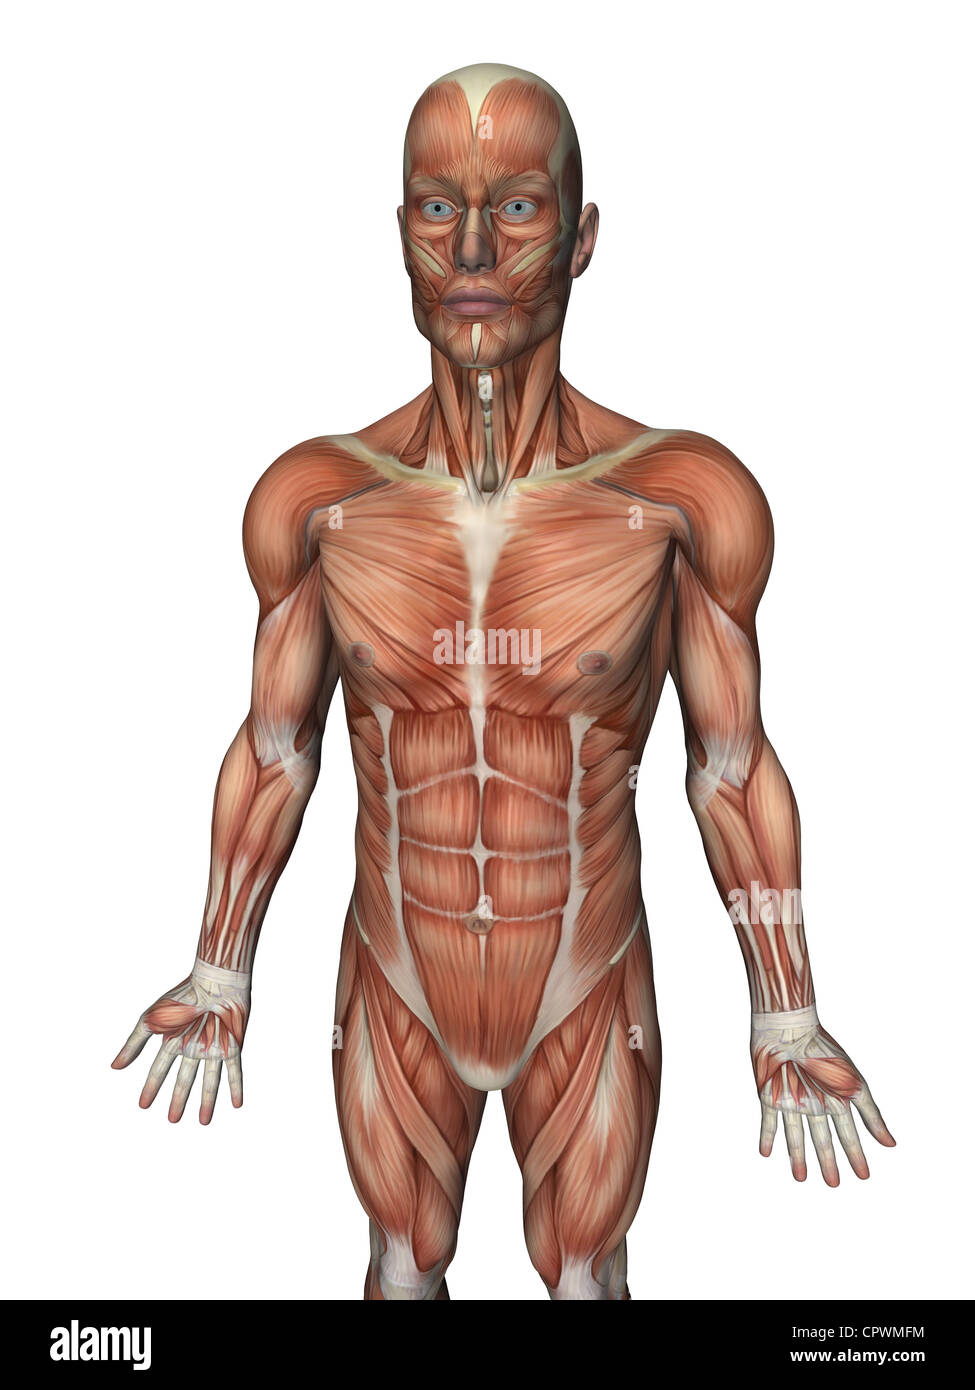 Anatomische Darstellung des menschlichen Körpers zeigt die ...